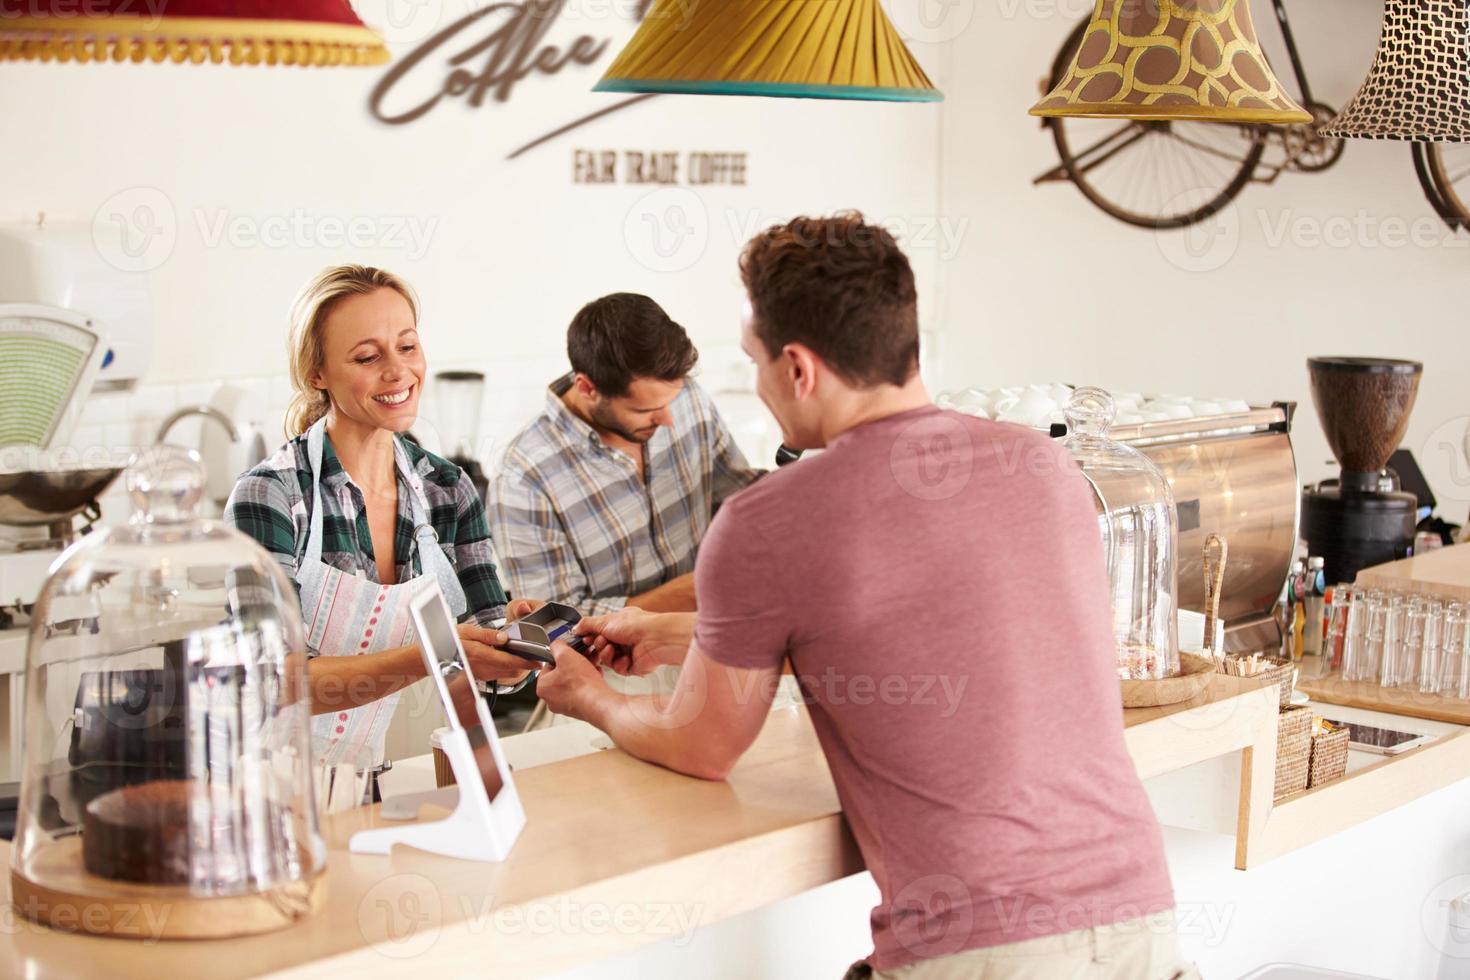 junger Mann, der für seine Bestellung in einem Café bezahlt foto